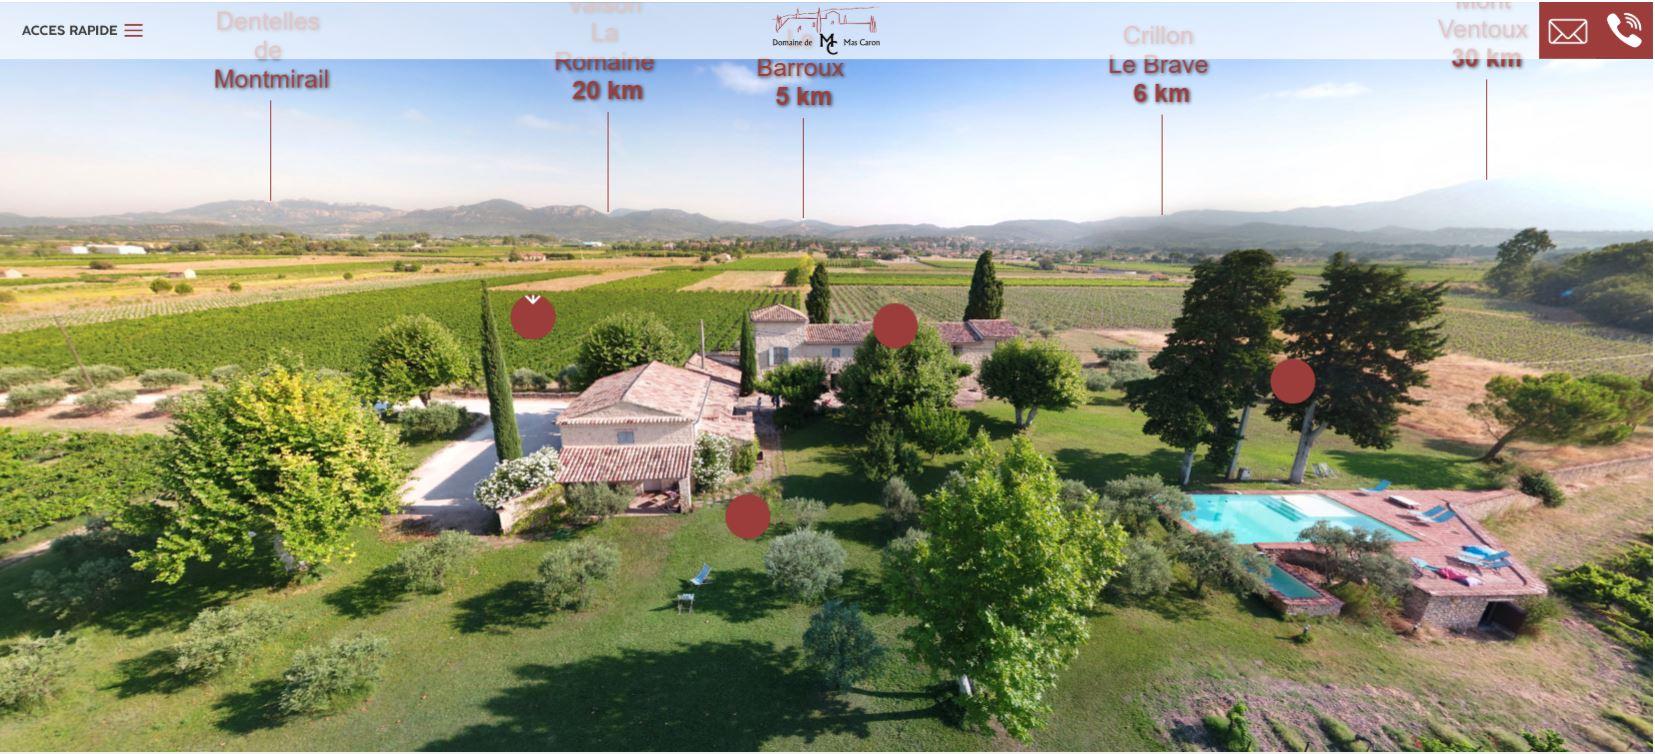 visite virtuelle 360 degrés